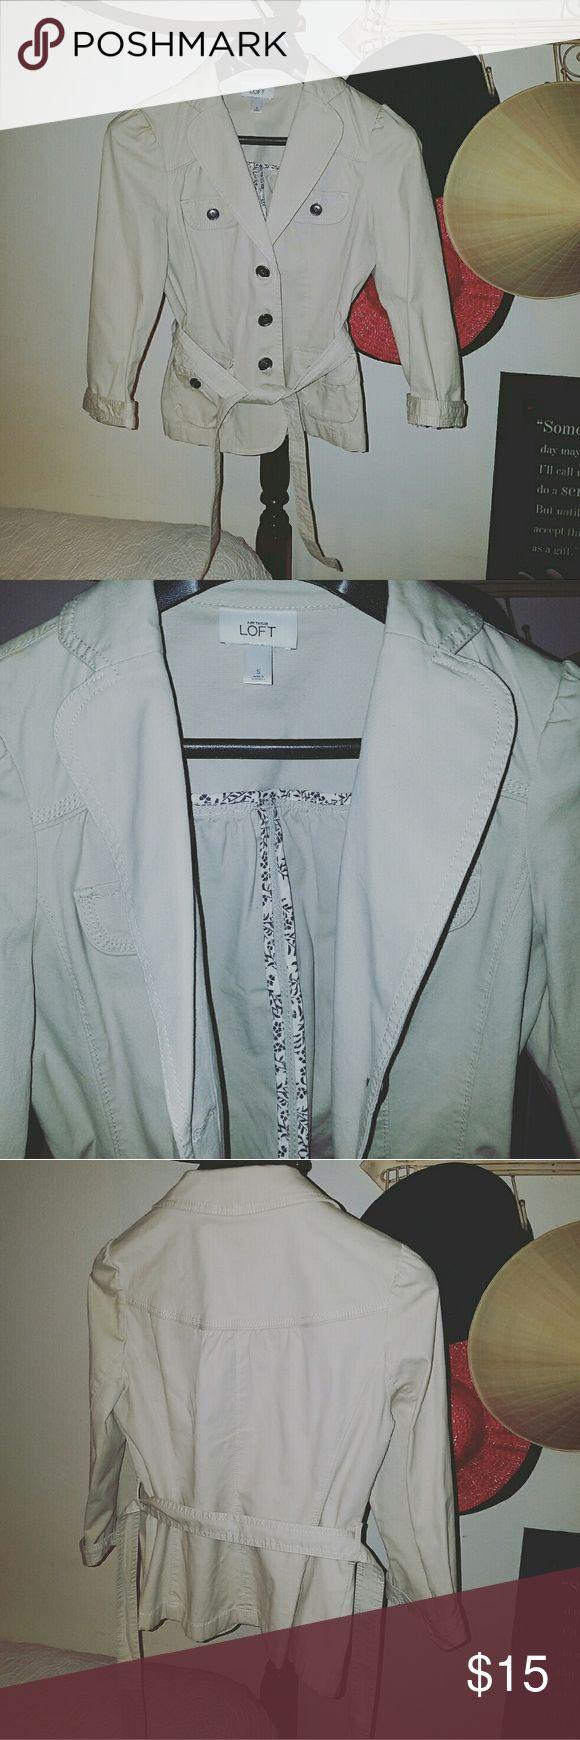 Beige jacket Ann Taylor LOFT Ann Taylor Jackets & Coats